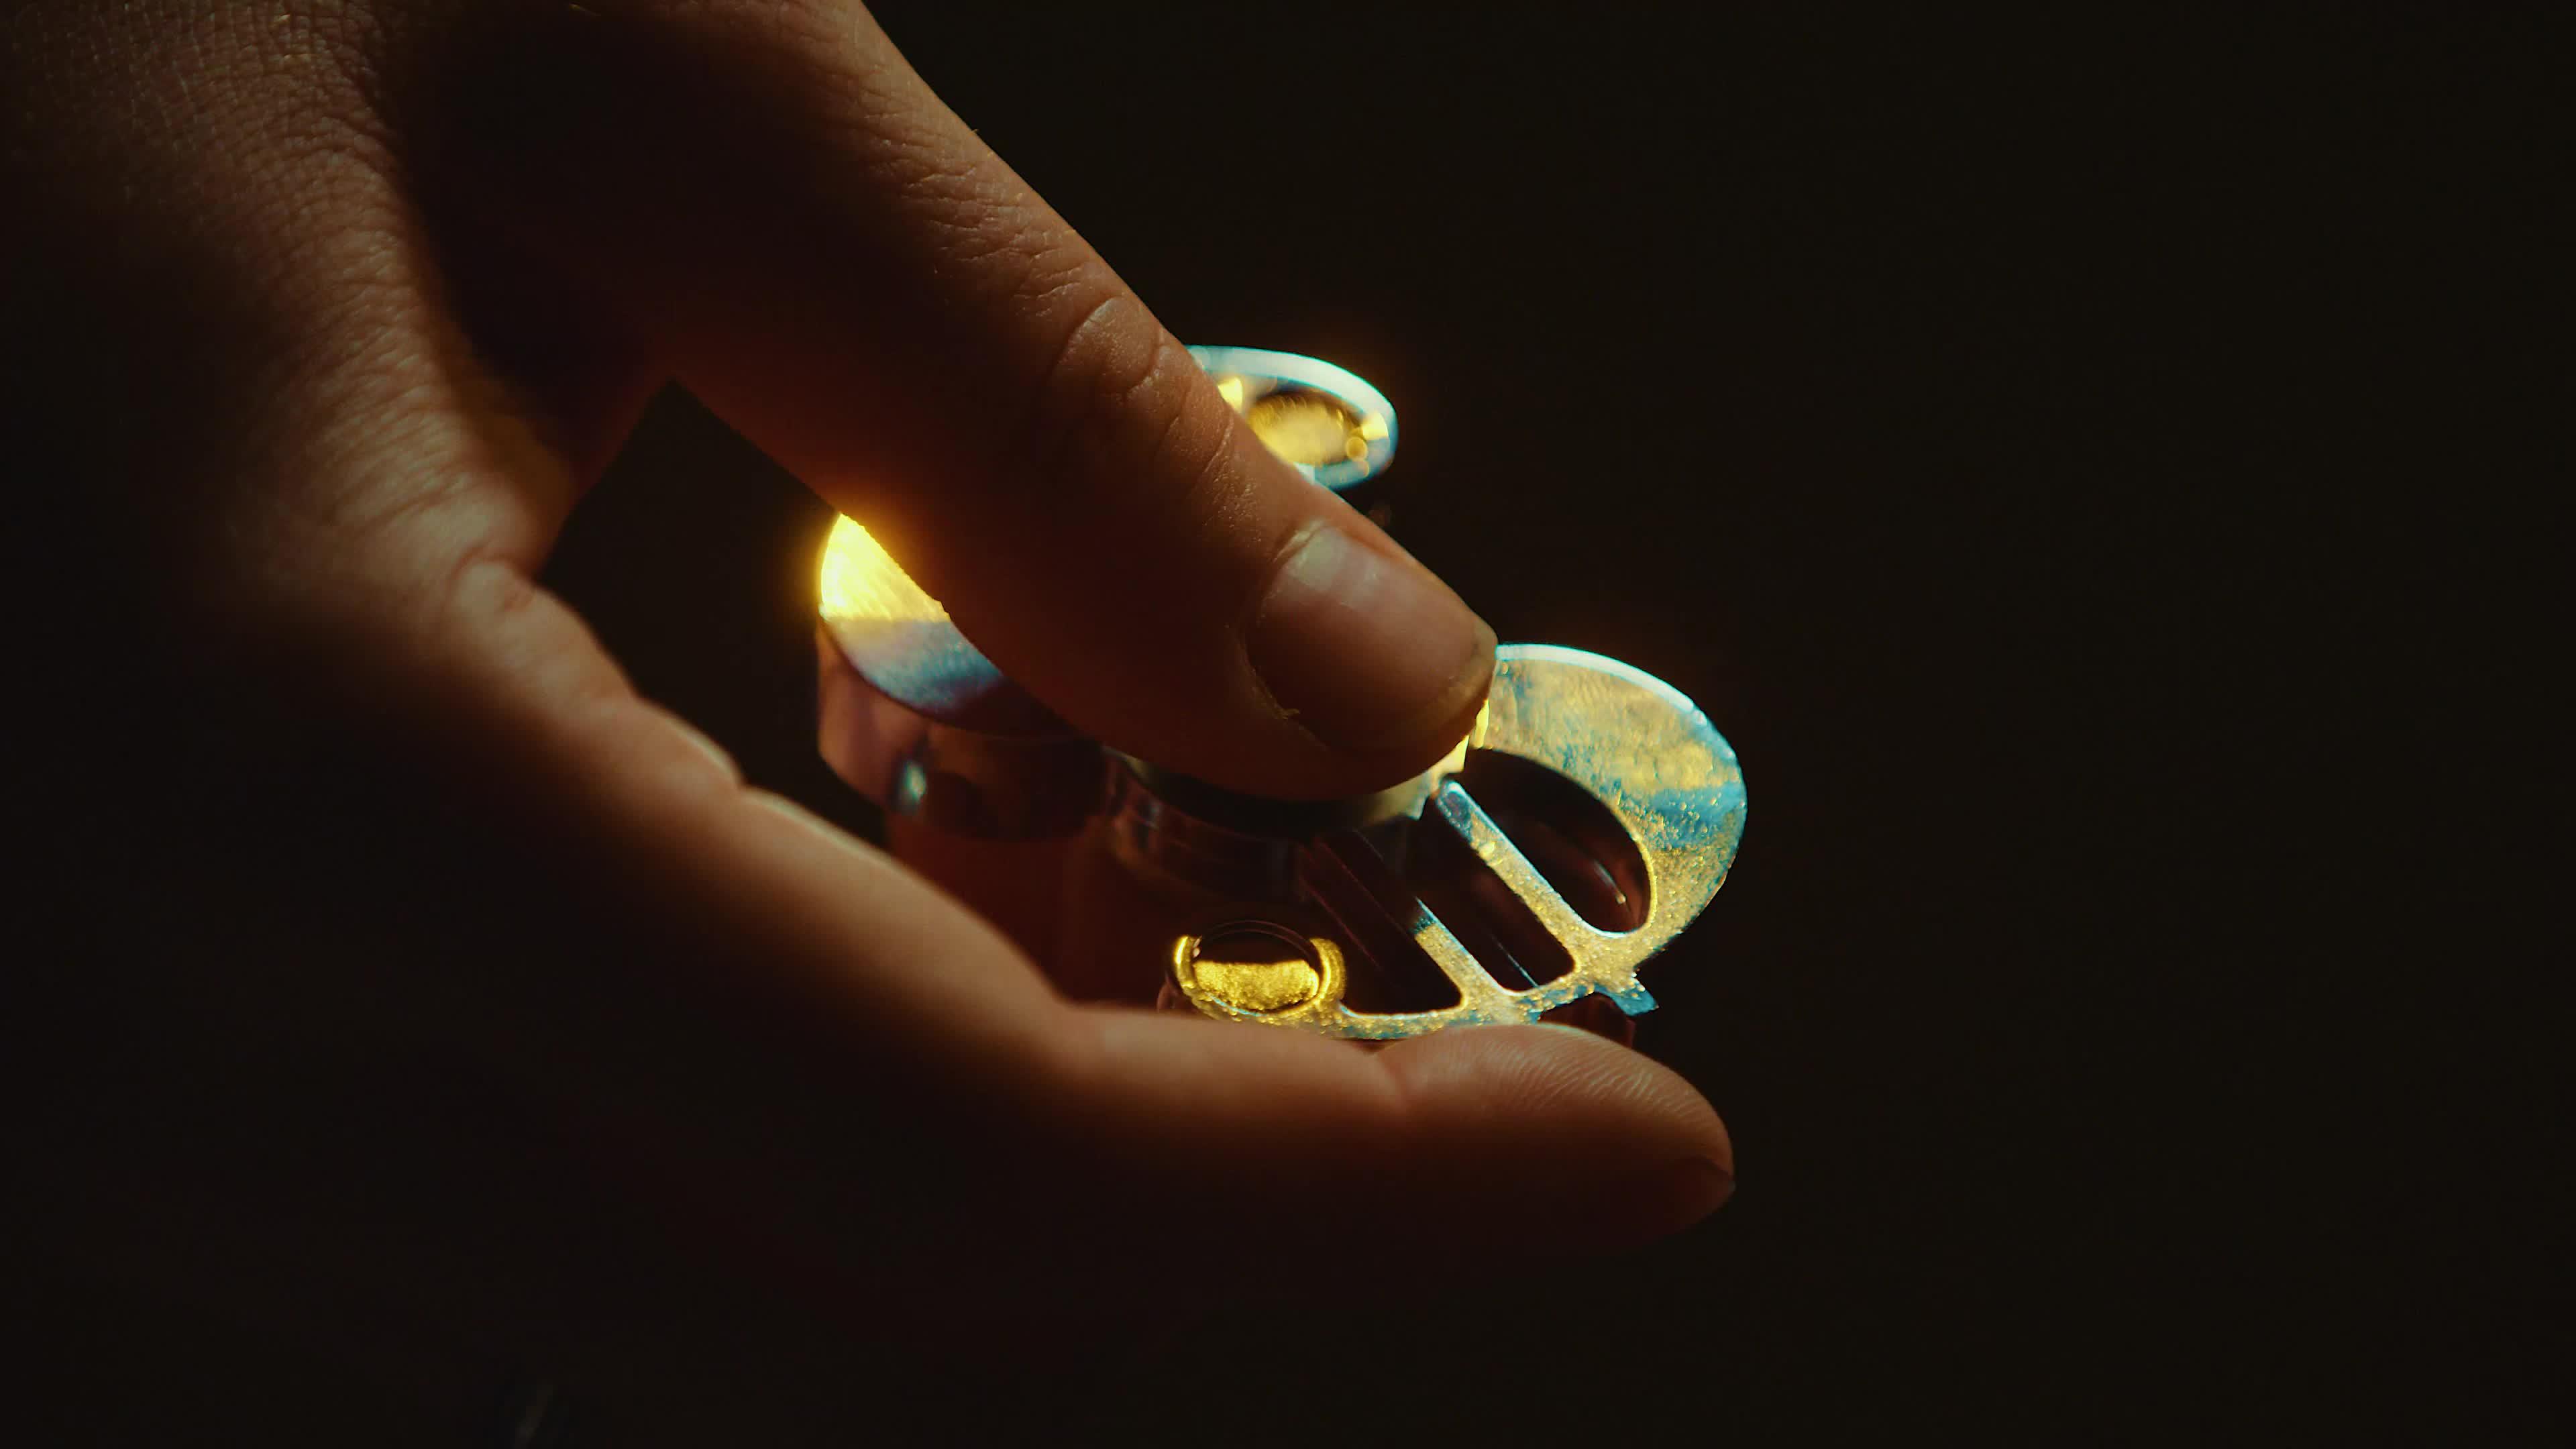 bts, fidget, fidget spinner, how to, irl, movie, real, real life, real-life, spinner, ANIME FIDGET SPINNERS GIFs